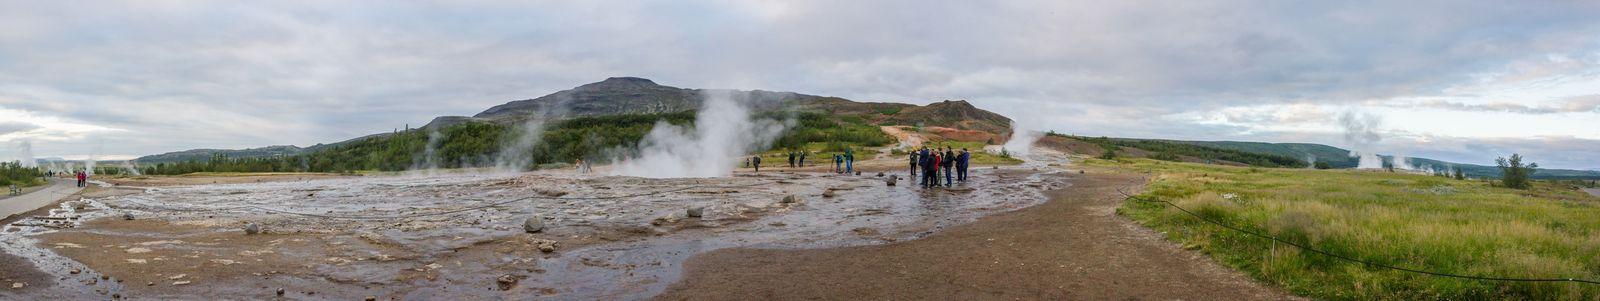 Las concentradas fumarolas de Geysir